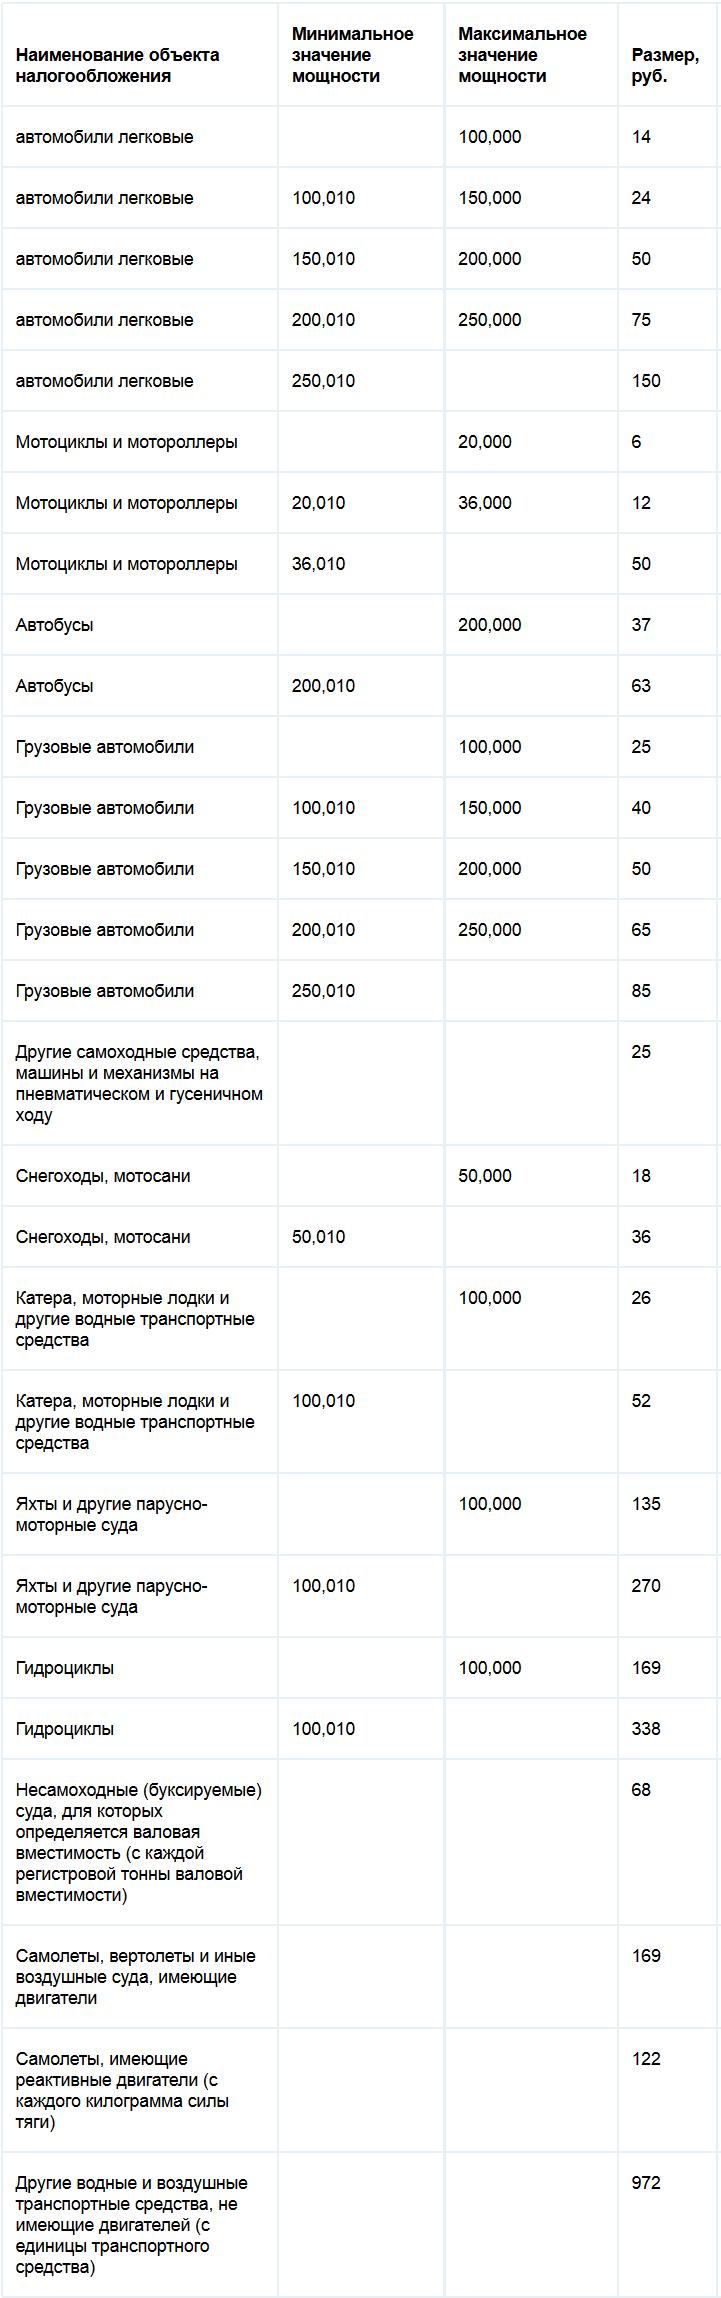 Документы для назначении второй пенсии военным пенсионерам